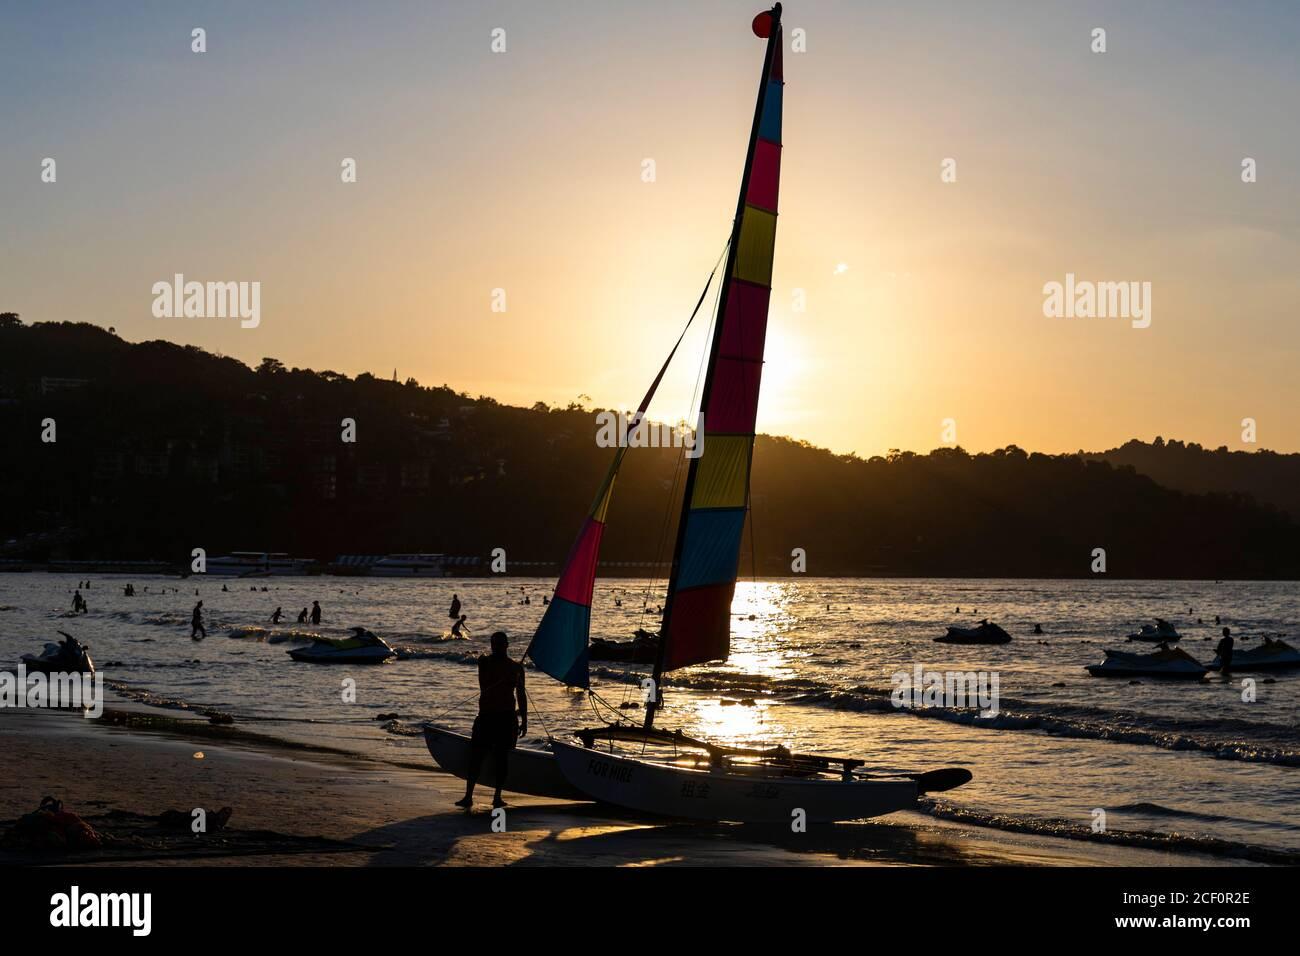 Barca a vela a noleggio a Patong Beach al tramonto, Phuket, Thailandia Foto Stock